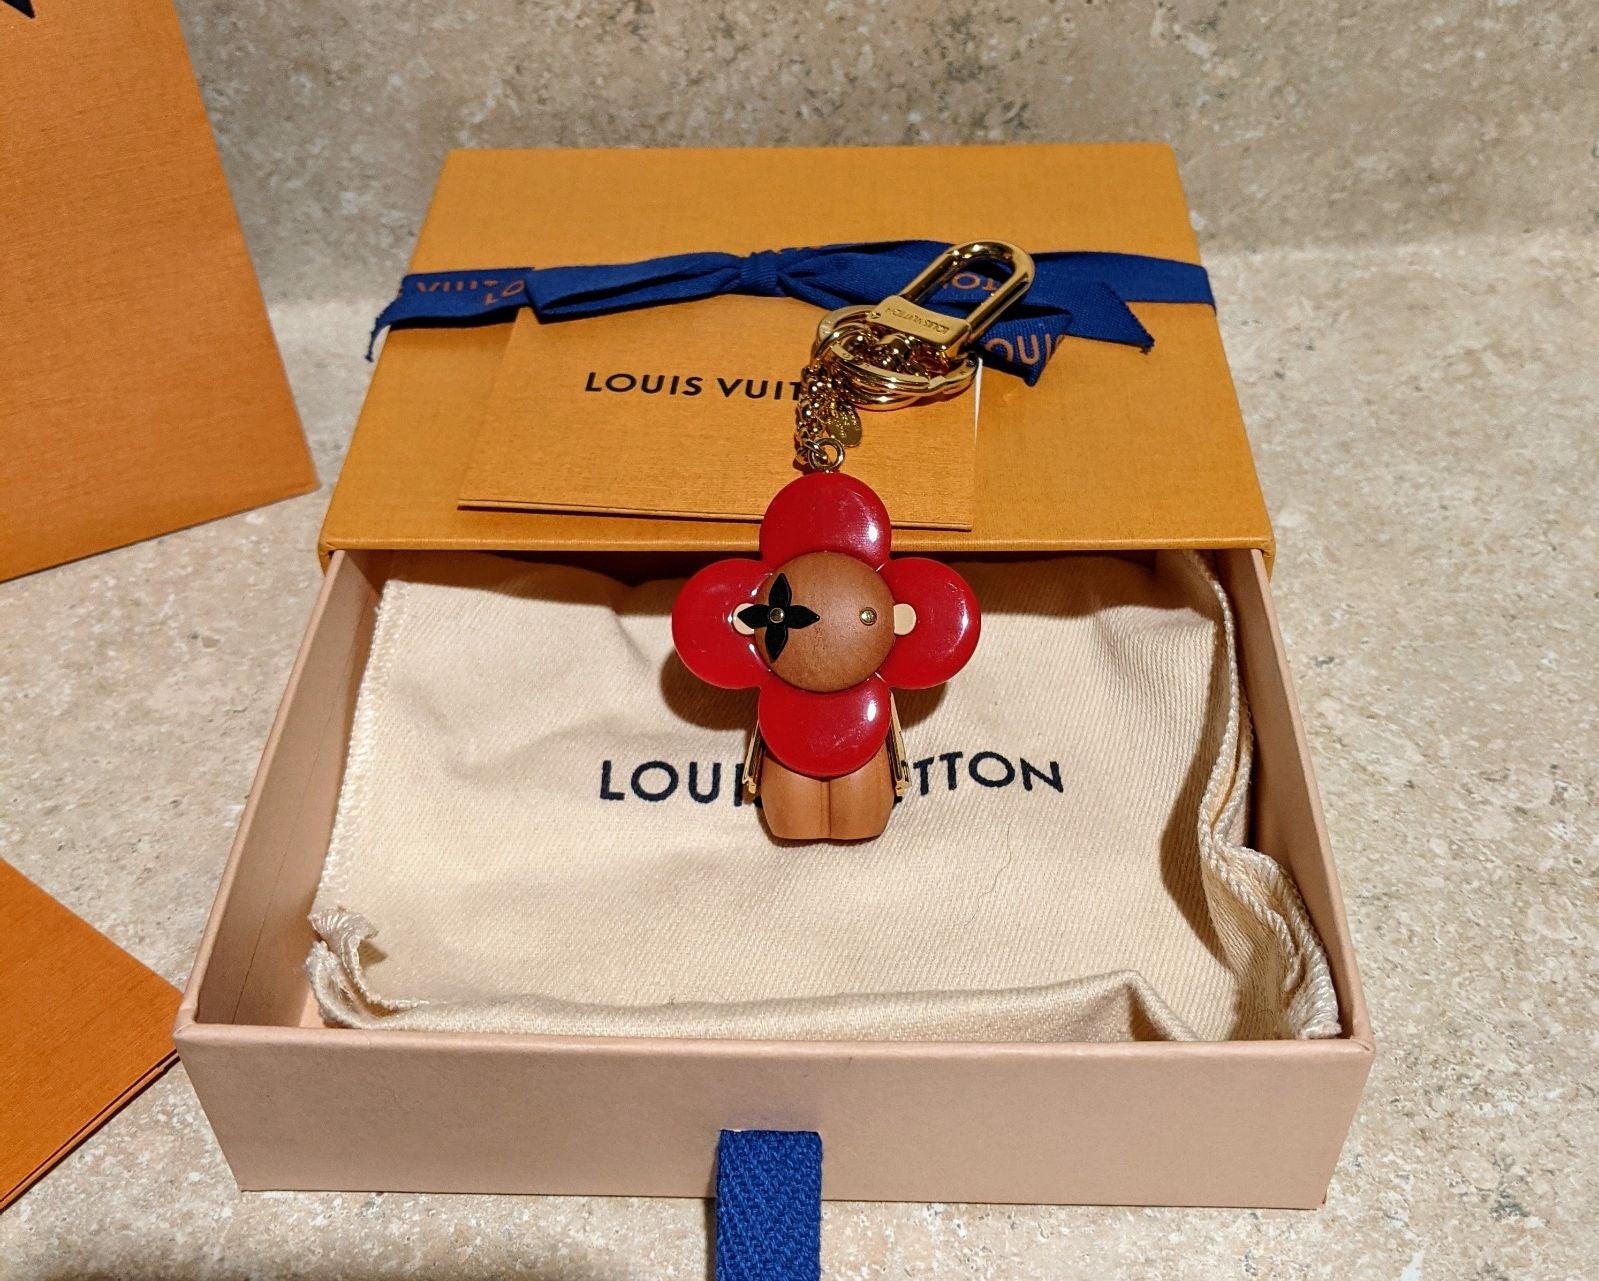 Louis vuitton Porte cles Vivienne Rouge